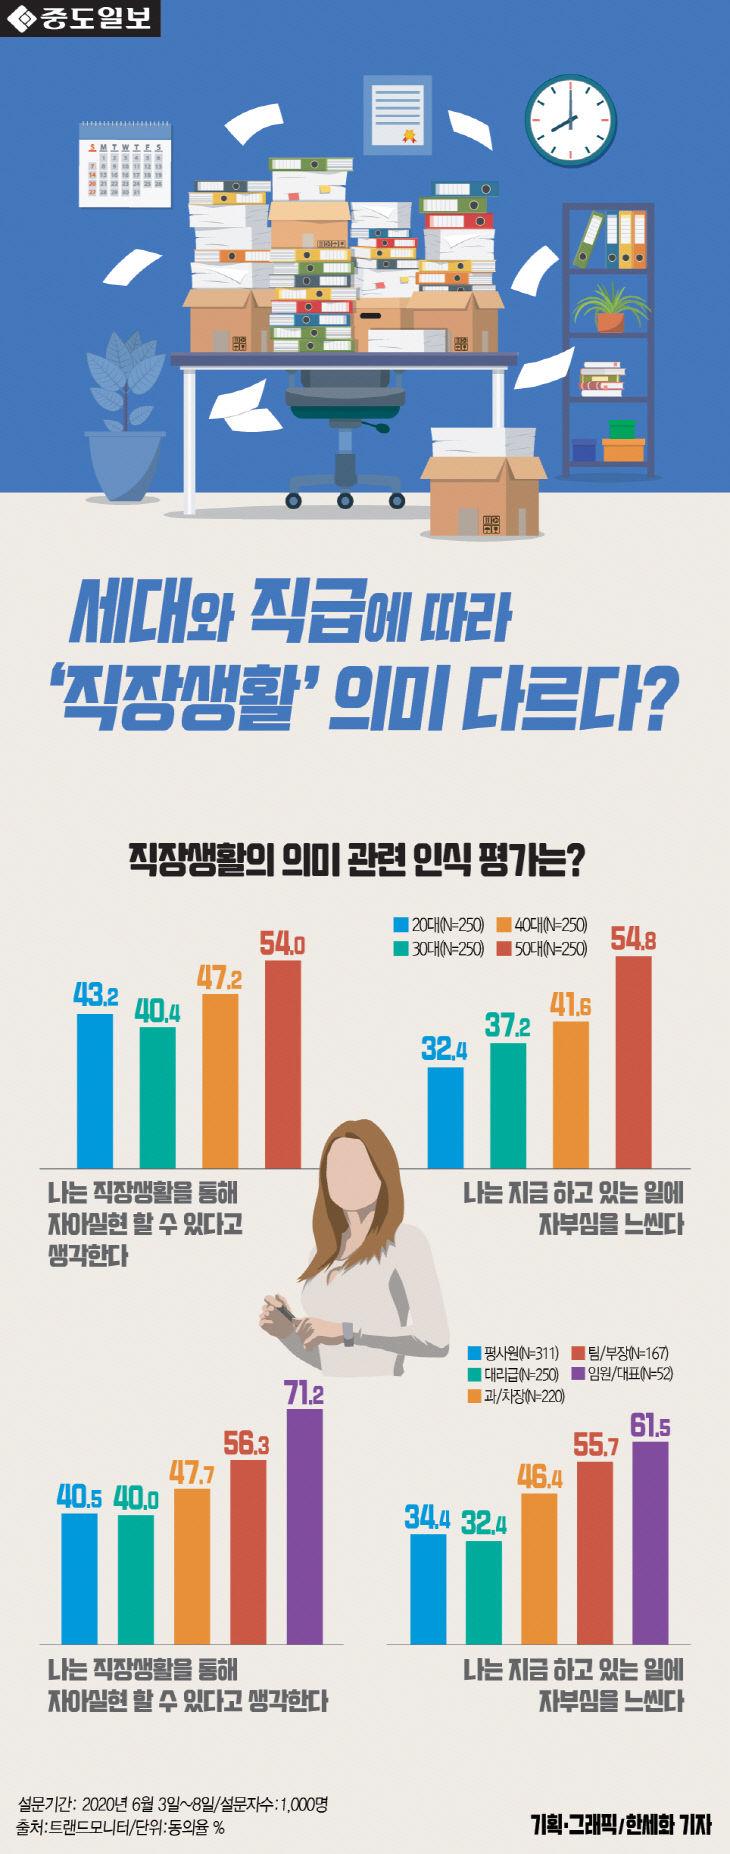 [인포그래픽] 직장생활 의미, 세대와 직급 따라 어떻게 다를까?